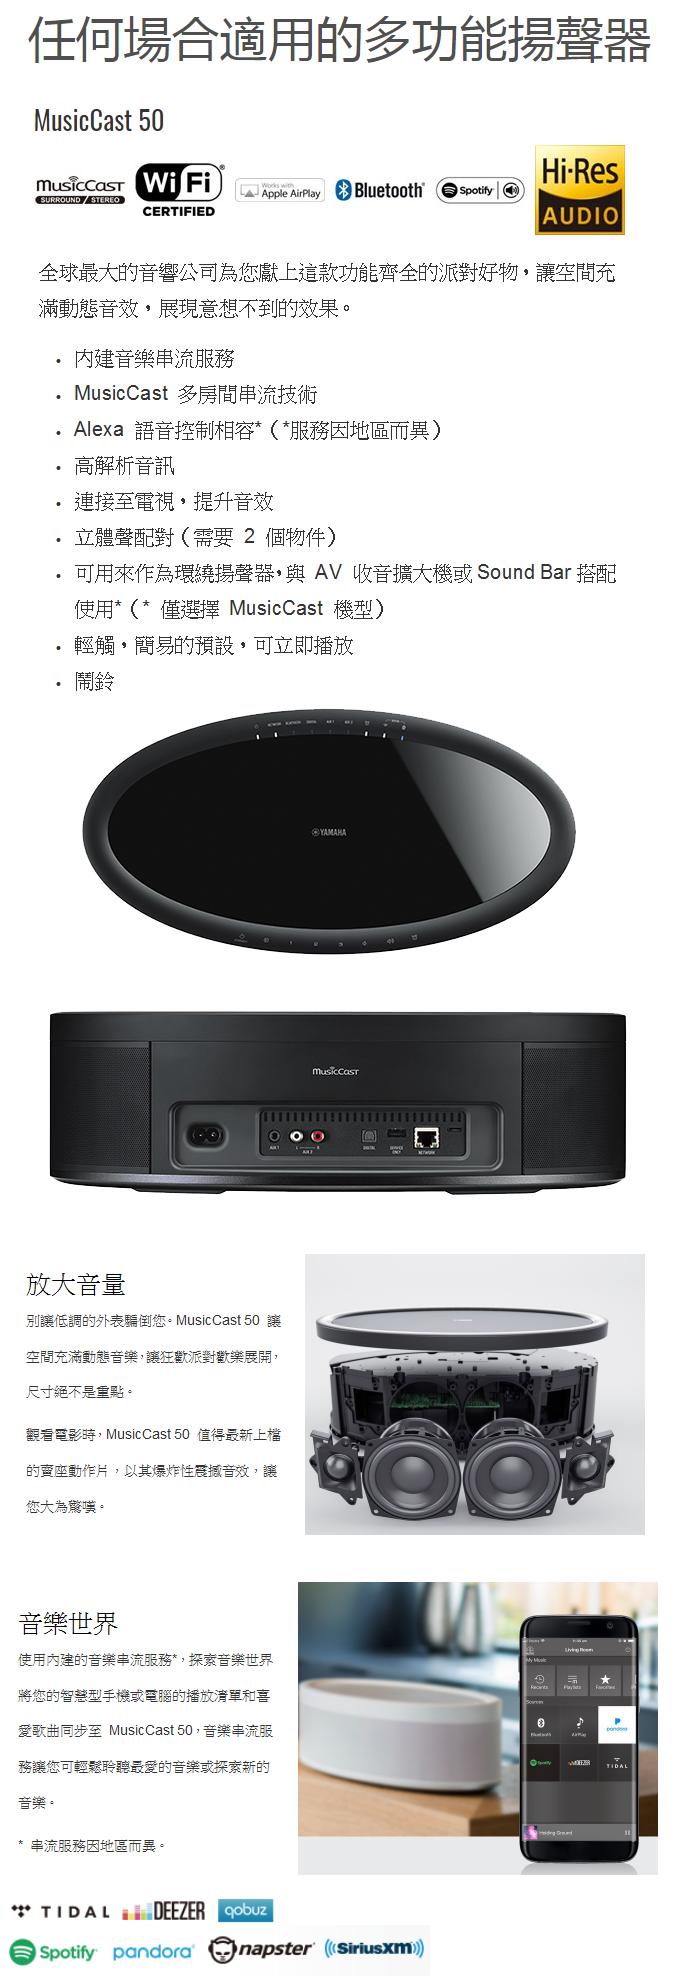 【鴻韻音響影音生活館】【YAMAHA 山葉】桌上型音響/無線環繞喇叭 MusicCast 50(WX-051)